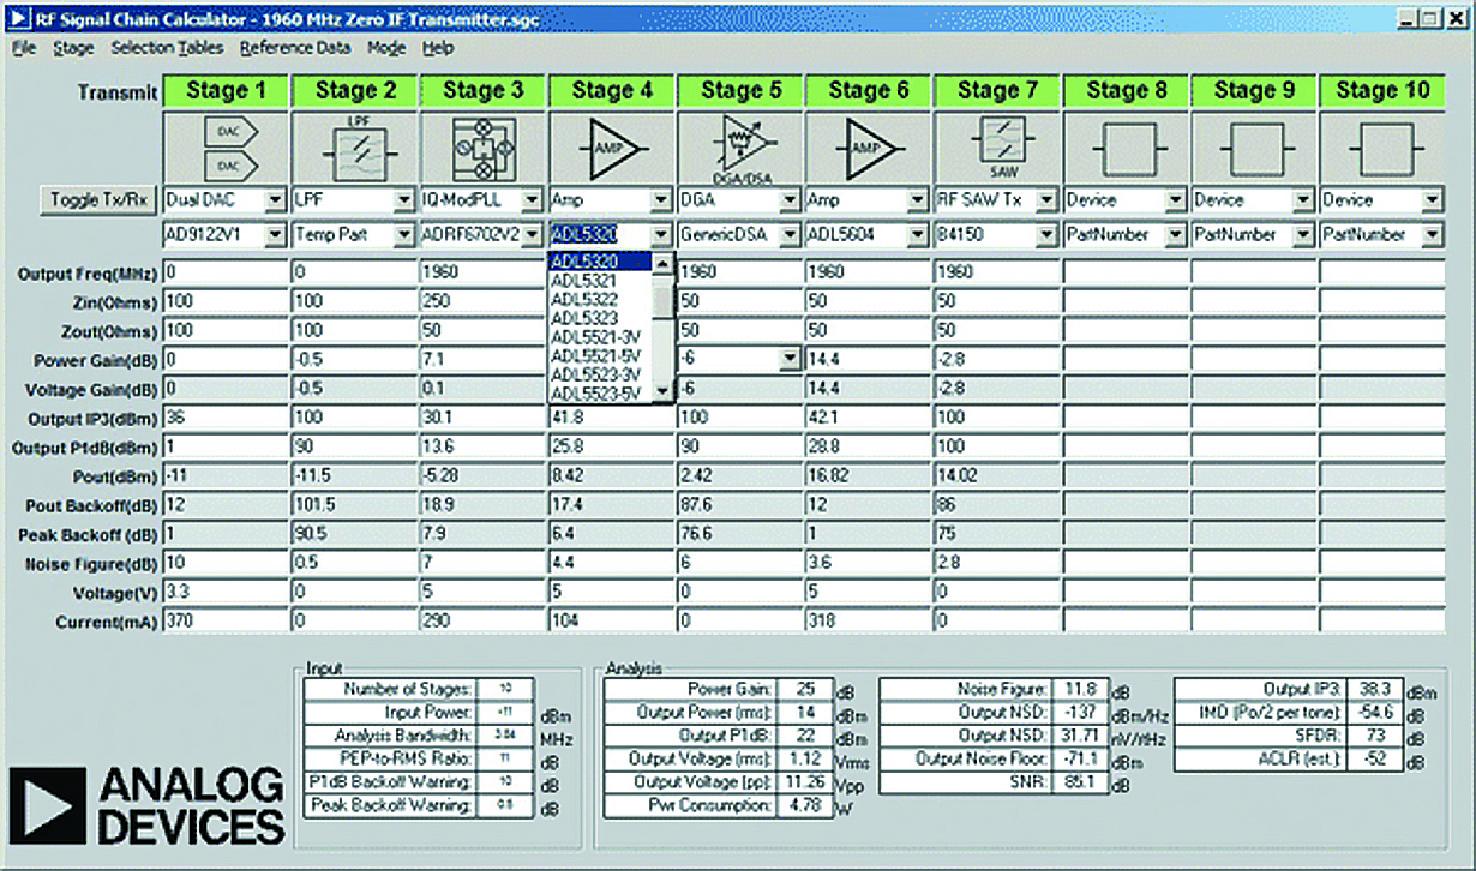 Применение ADIsimRF для распределения коэффициентов усиления между каскадами в дискретном передатчике с нулевой ПЧ